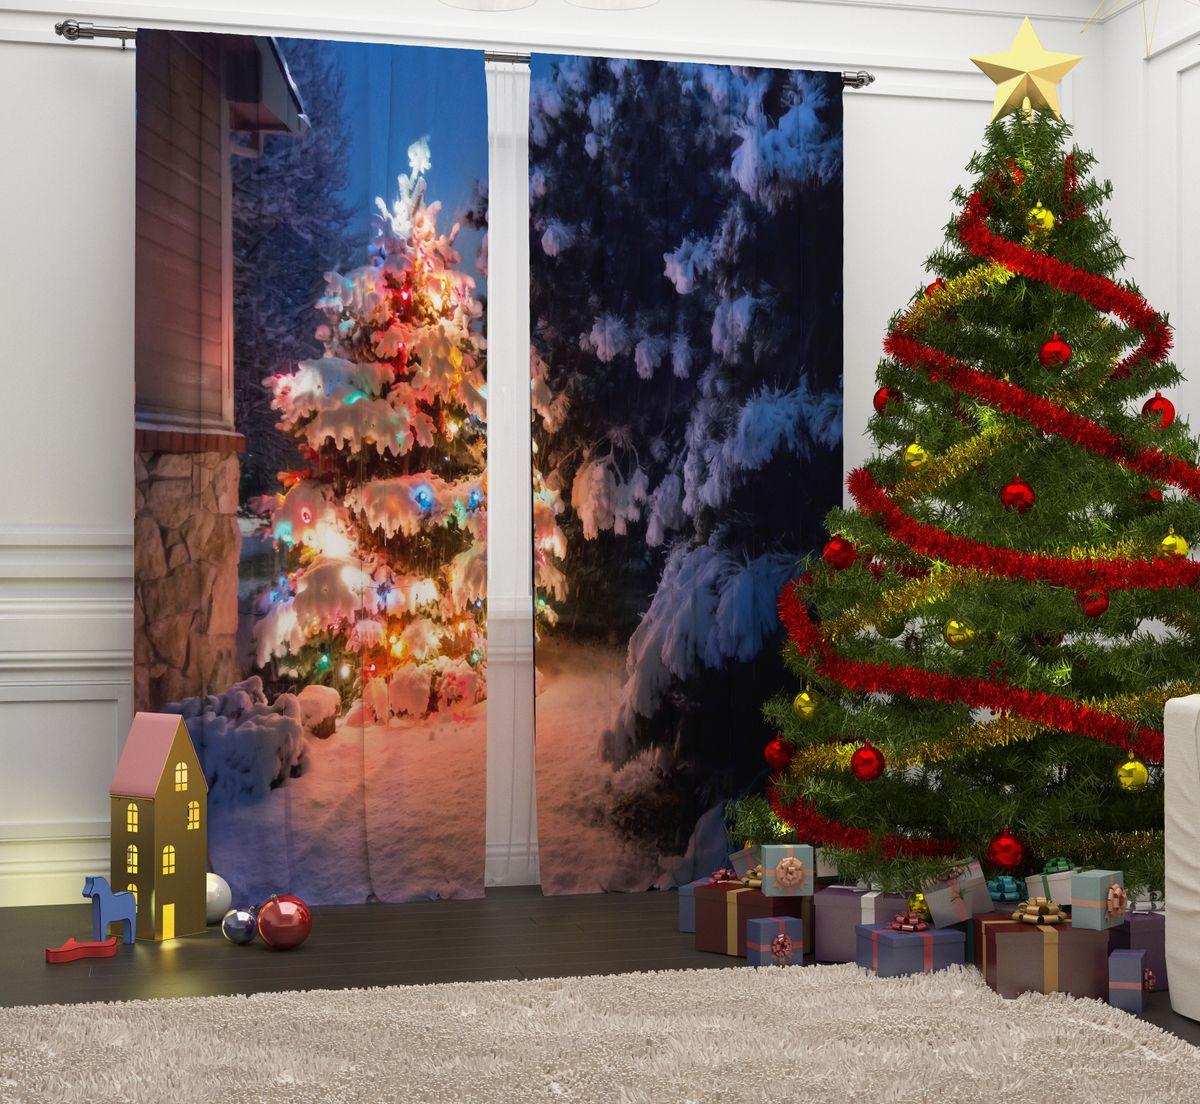 Фотошторы Сирень Волшебство у дома, на ленте, высота 260 см07089-ФШ-ГБ-001Перед новогодними праздниками каждая хозяйка или хозяин хотят украсить свой дом. Мы предлагаем оригинальное решение, украсить Ваше окно фотошторами с новогодней тематикой. Новогодние фотошторы Сирень станут отличным подарком на Новый год. Подарите радость праздника себе и Вашим близким людям! Текстиль бренда «Сирень» - качество в каждом сантиметре ткани! Крепление на карниз при помощи шторной ленты на крючки. В комплекте: Портьера: 2 шт. Размер (ШхВ): 145 см х 260 см. Рекомендации по уходу: стирка при 30 градусах гладить при температуре до 150 градусов Изображение на мониторе может немного отличаться от реального.